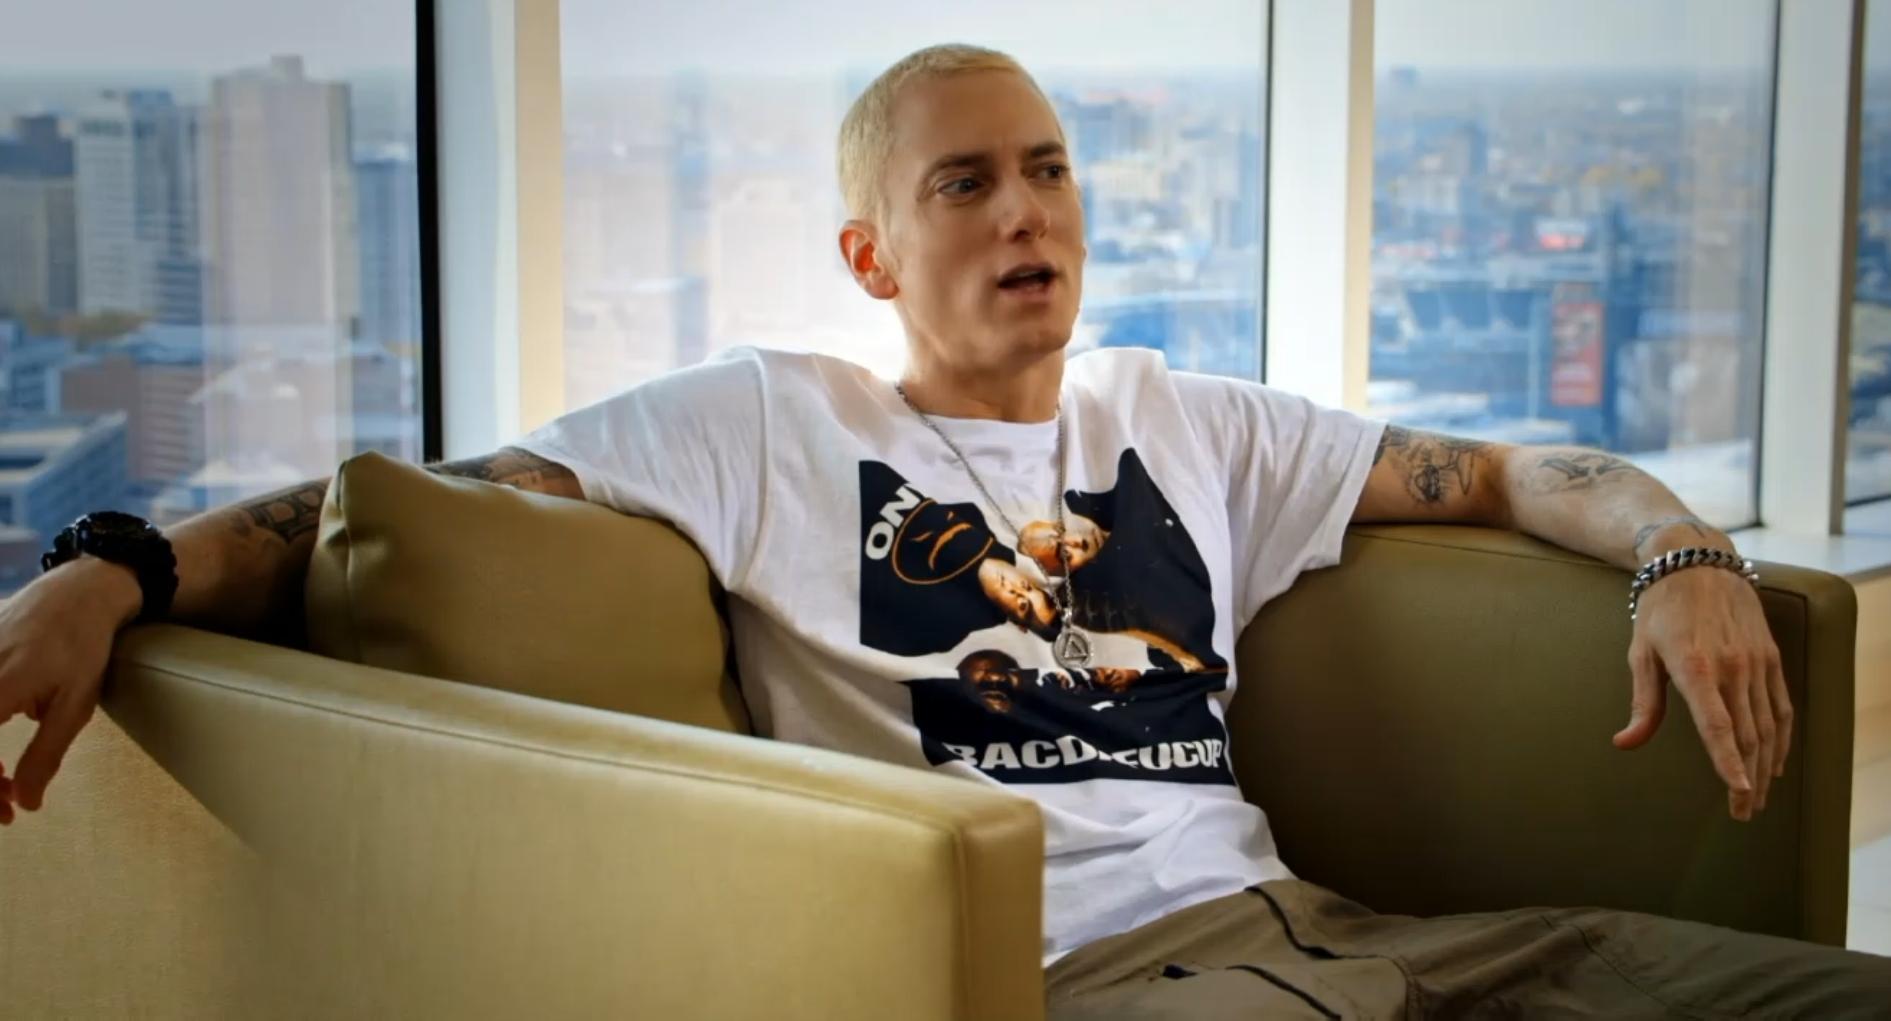 Dr. Dre в «The Defiant Ones»: Eminem мне просто сносит крышу... ты знаешь: происходит что-то особенное... что-то волшебное